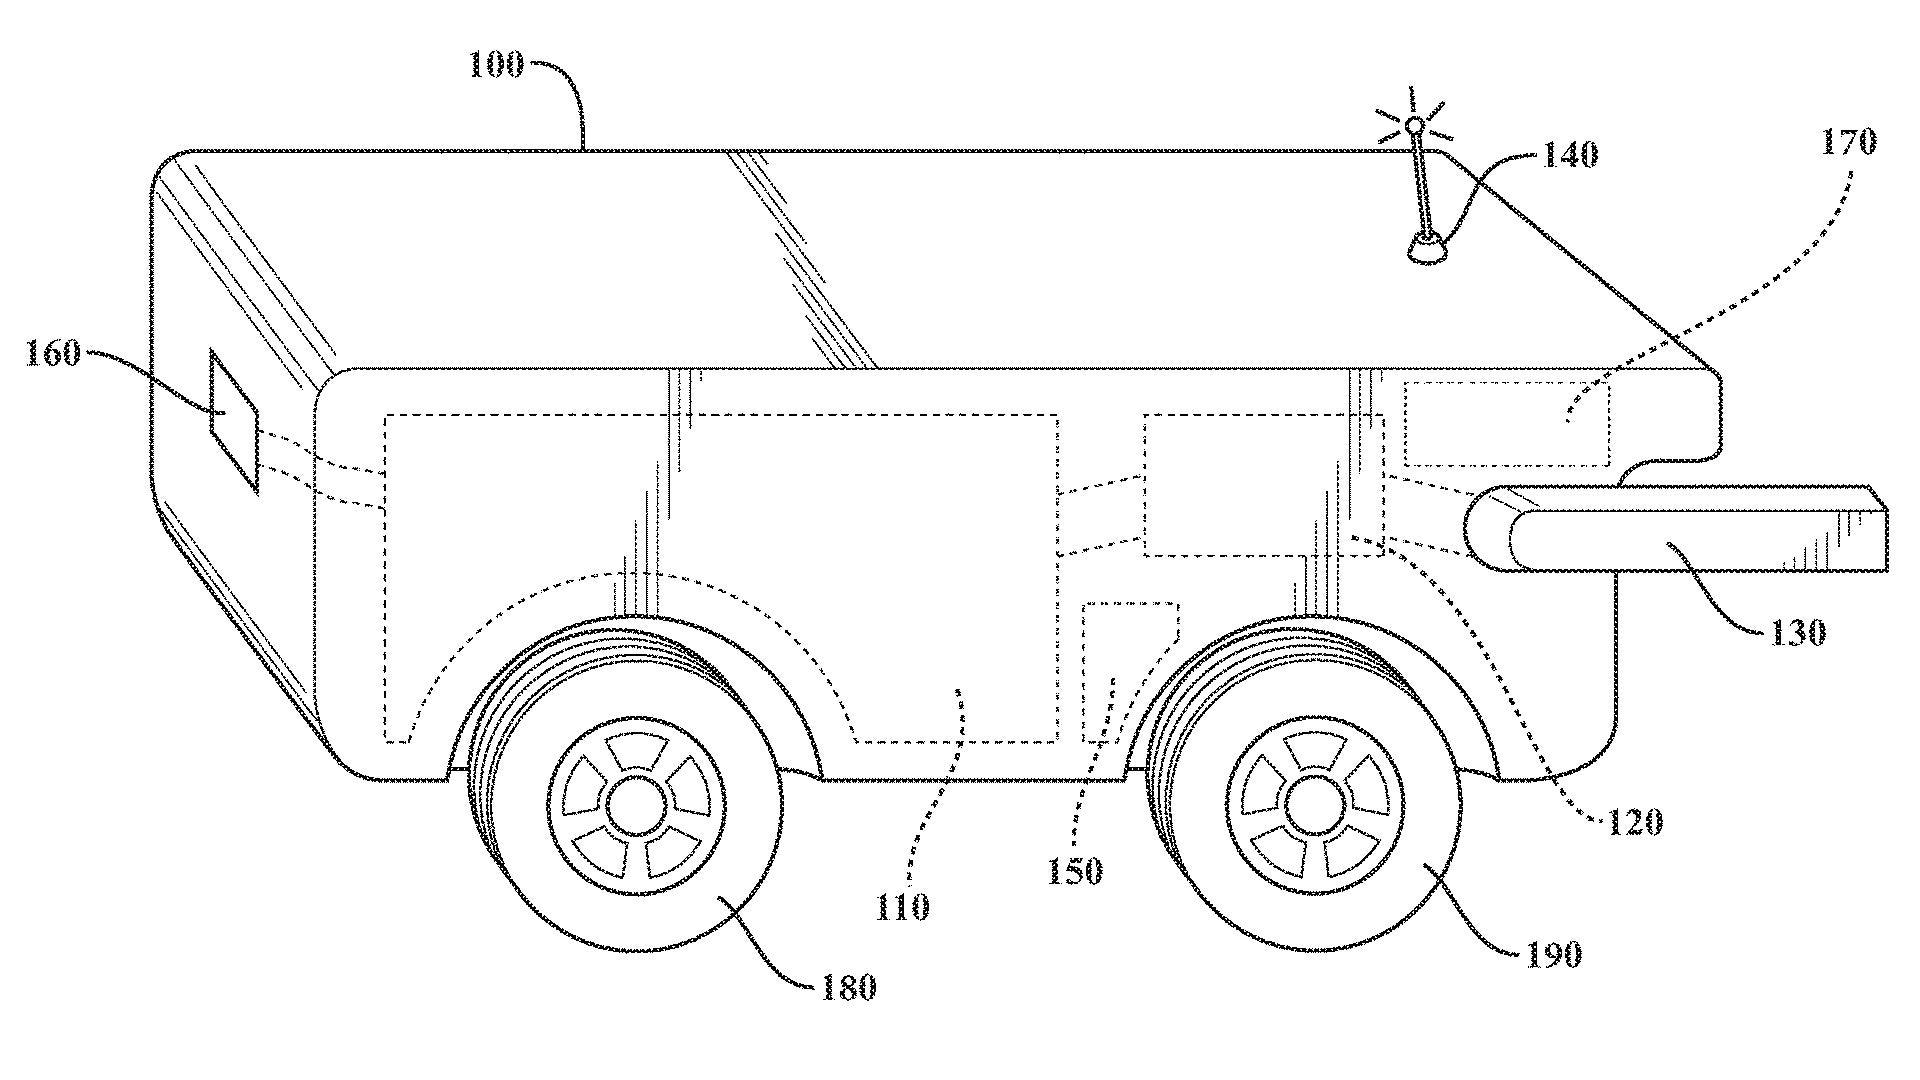 Autonomiczne pojazdy do ładowania i tankowania samochodów – nowy patent Toyoty 2